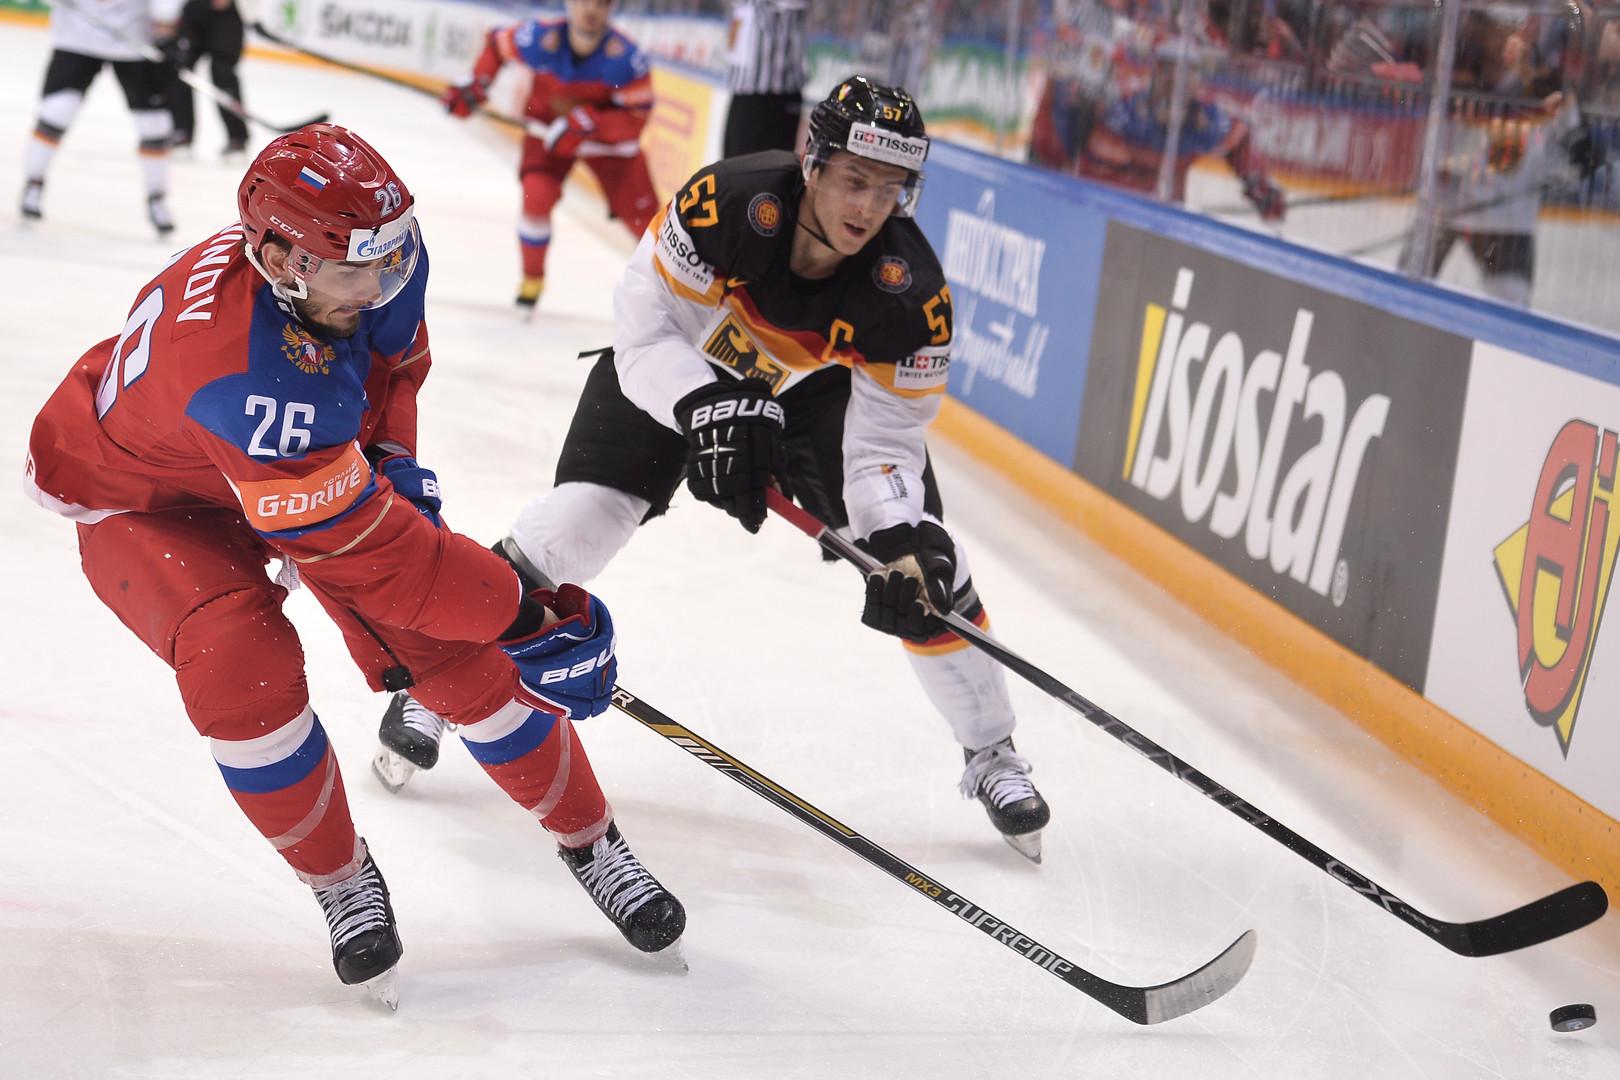 Россия обыграла Германию и вышла в полуфинал ЧМ по хоккею